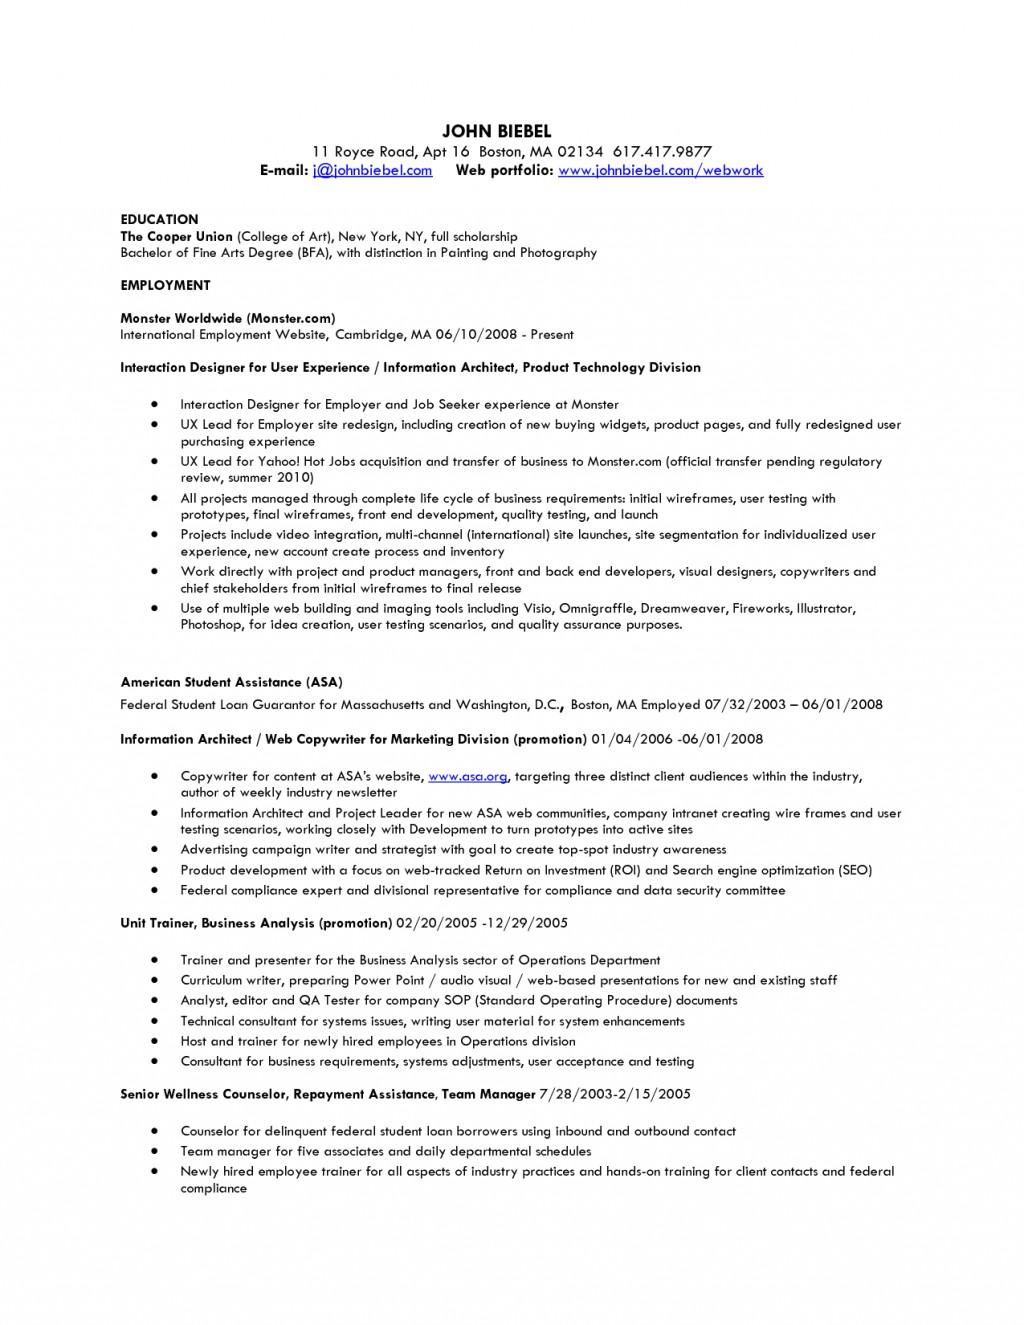 011 House Painter Job Description Employment Essay Impressive Descriptive Topics College Example About A Pet Large